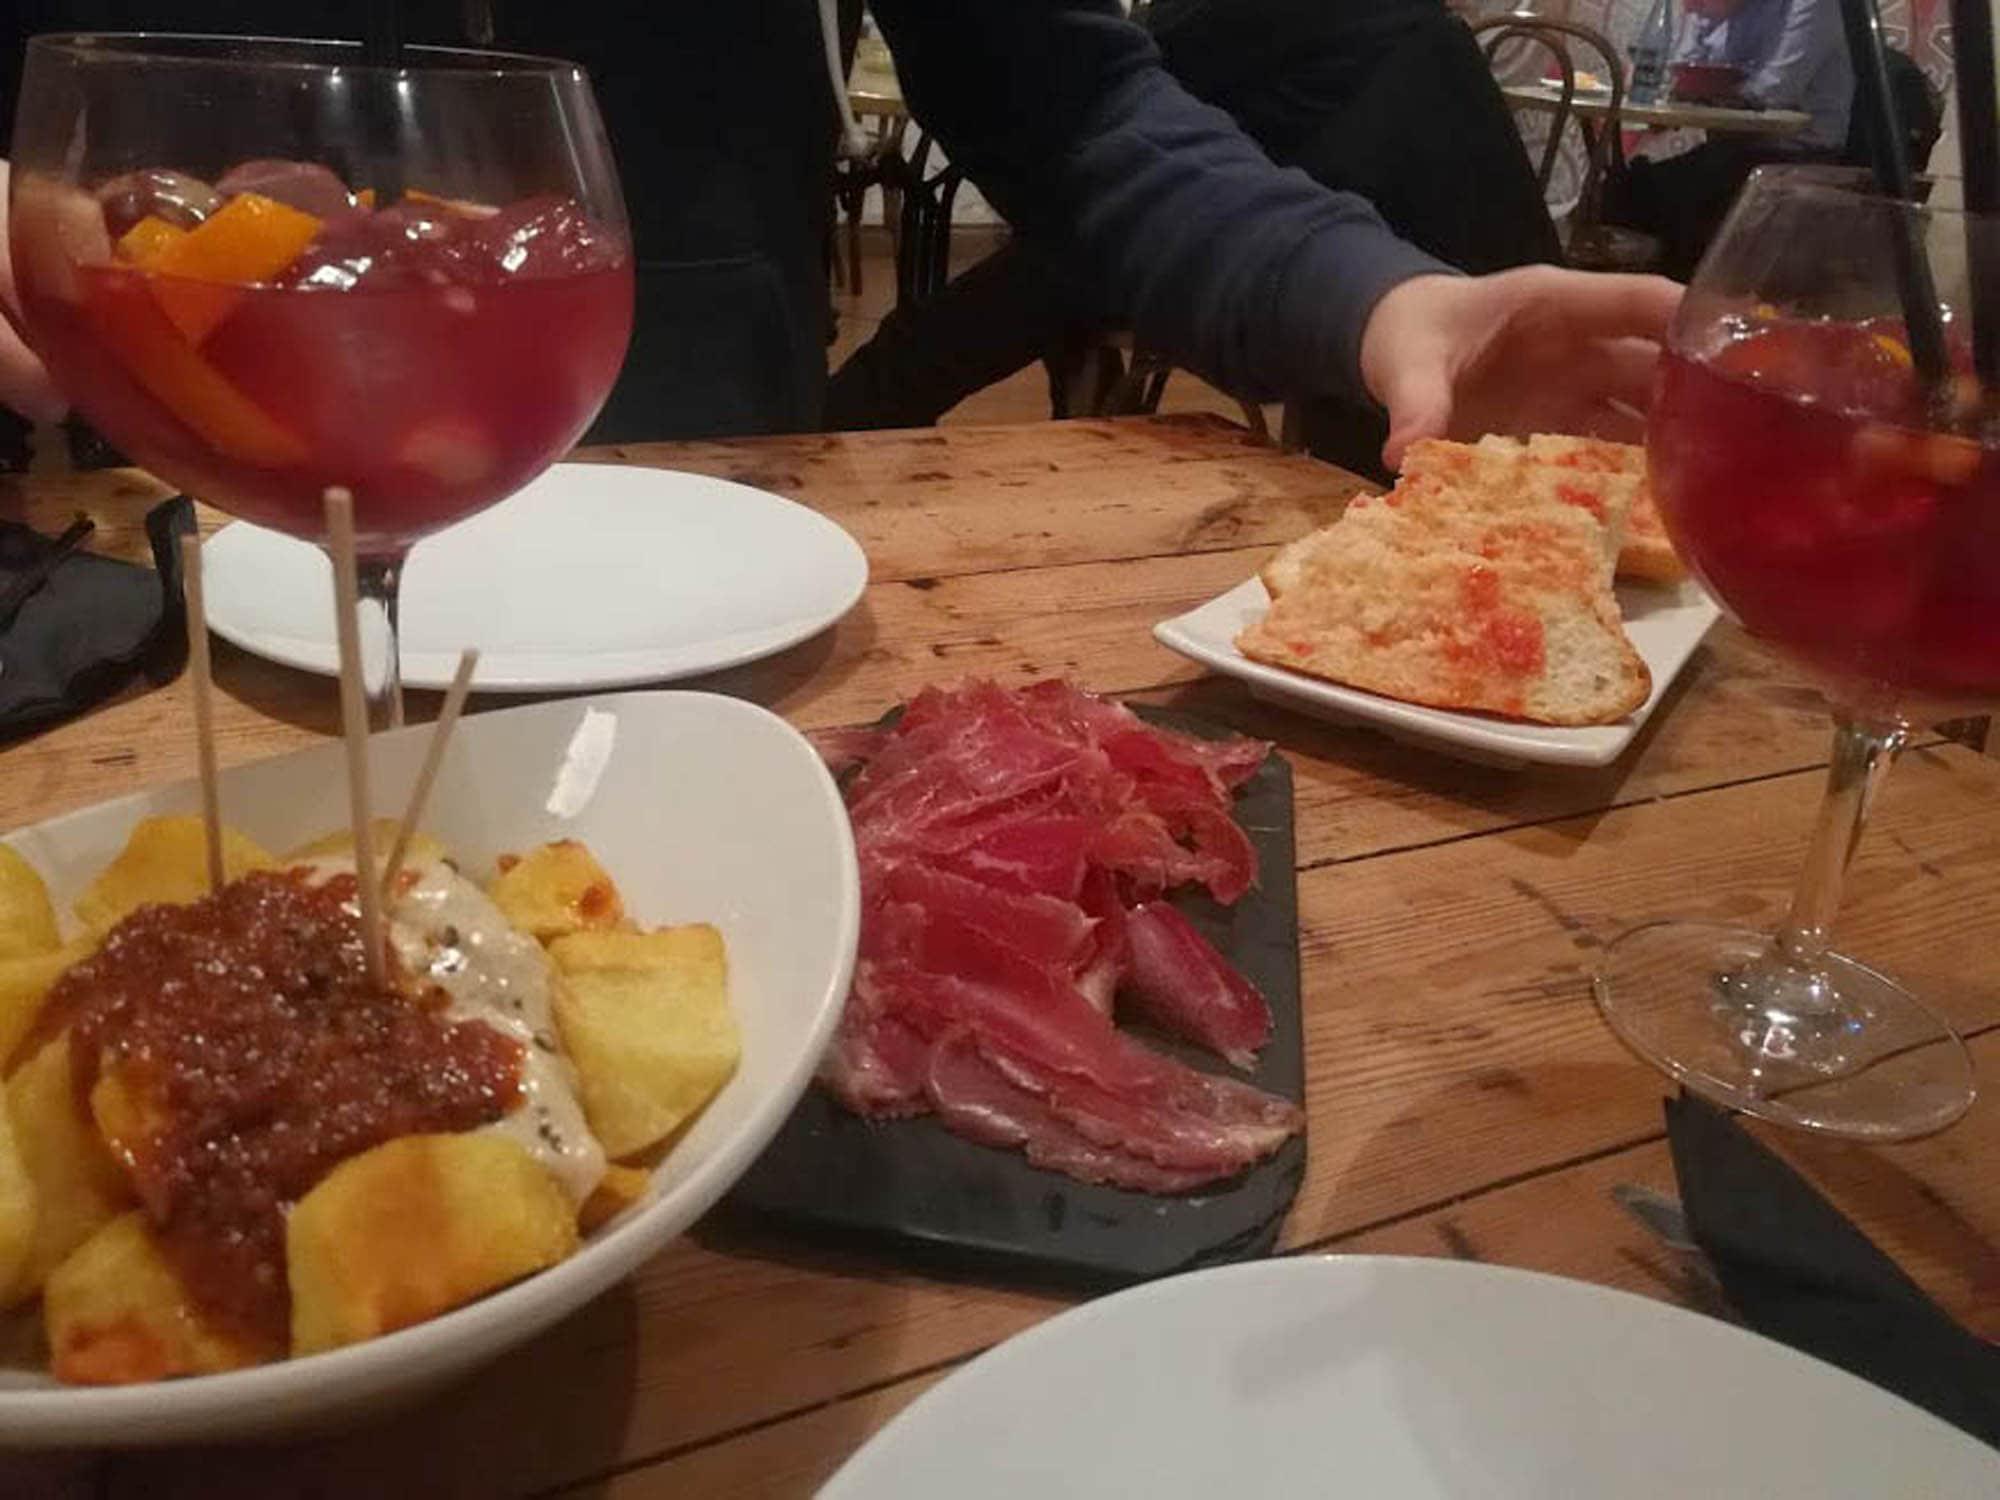 Niezapomniane urodziny – czyli przedłużony weekend w Barcelonie 20